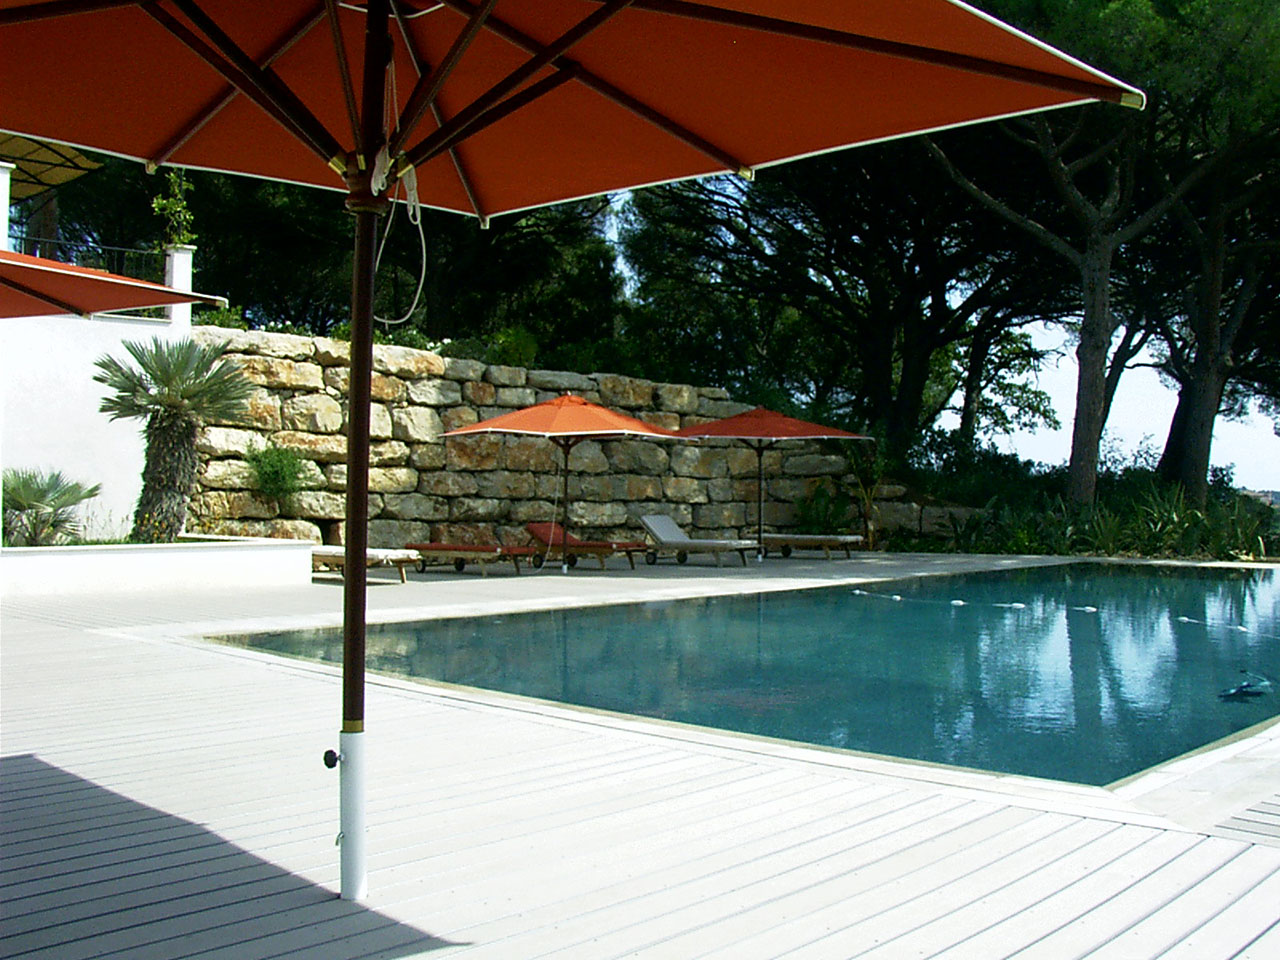 Poolumrandung aus WPC Pooldielen mit Sonneschirmen darauf und Blick auf mediterranes Ambiente